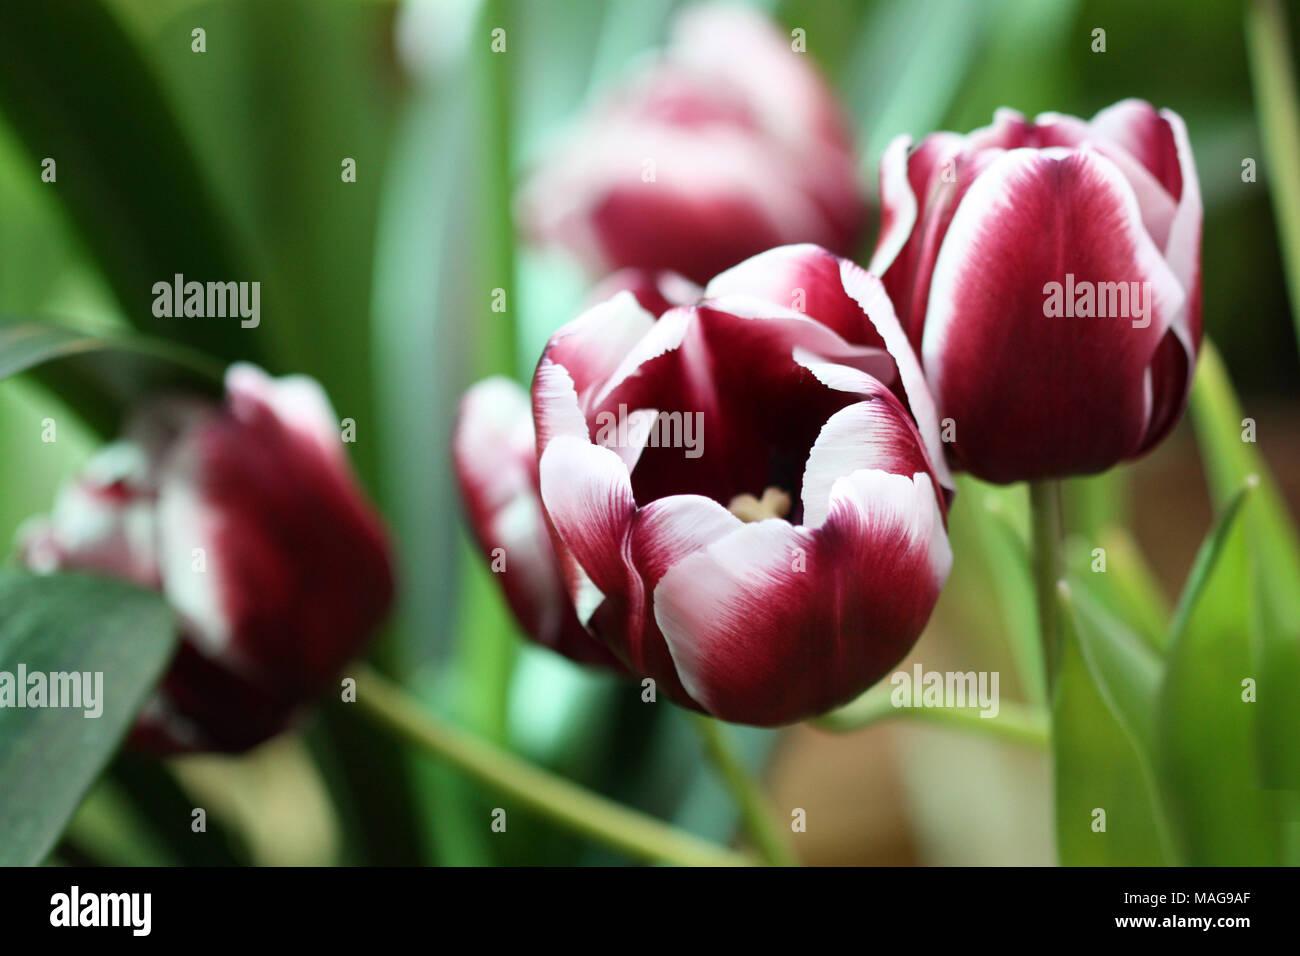 Die Tulpen blühen. Eine schöne Blume Hintergrund mit hellen Tulpen horizontal. Stockbild